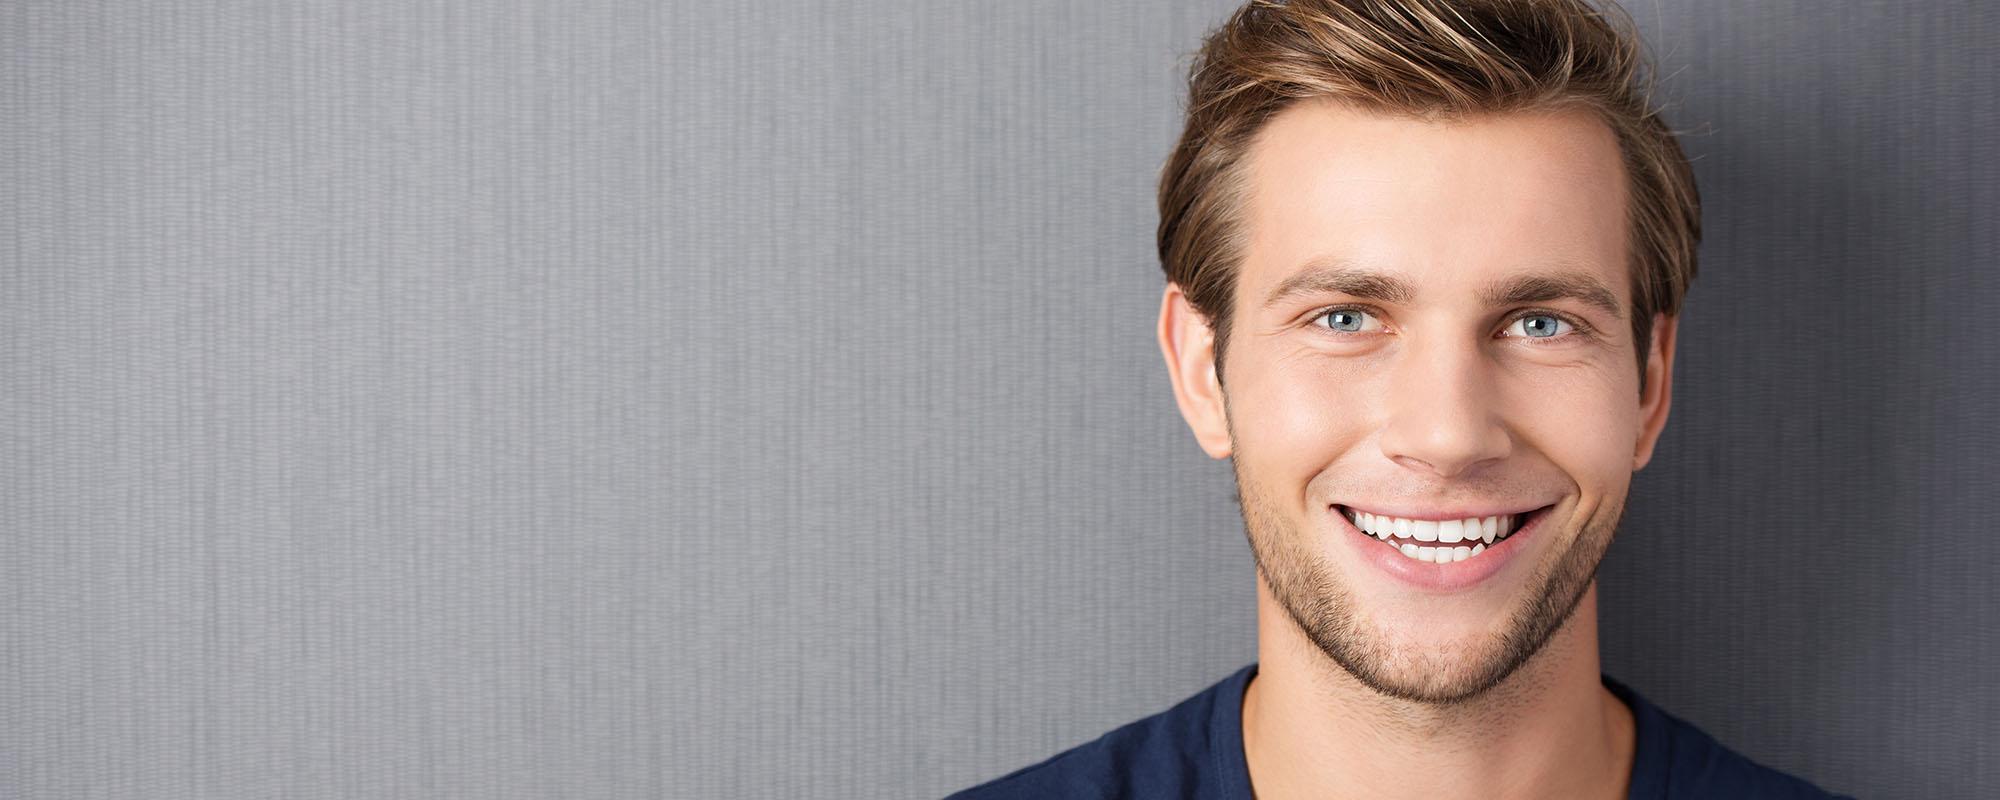 تركيبات مادة الزركون كأفضل وأحدث الخامات في مجال تجميل الأسنان لاستعادة ابتسامتك